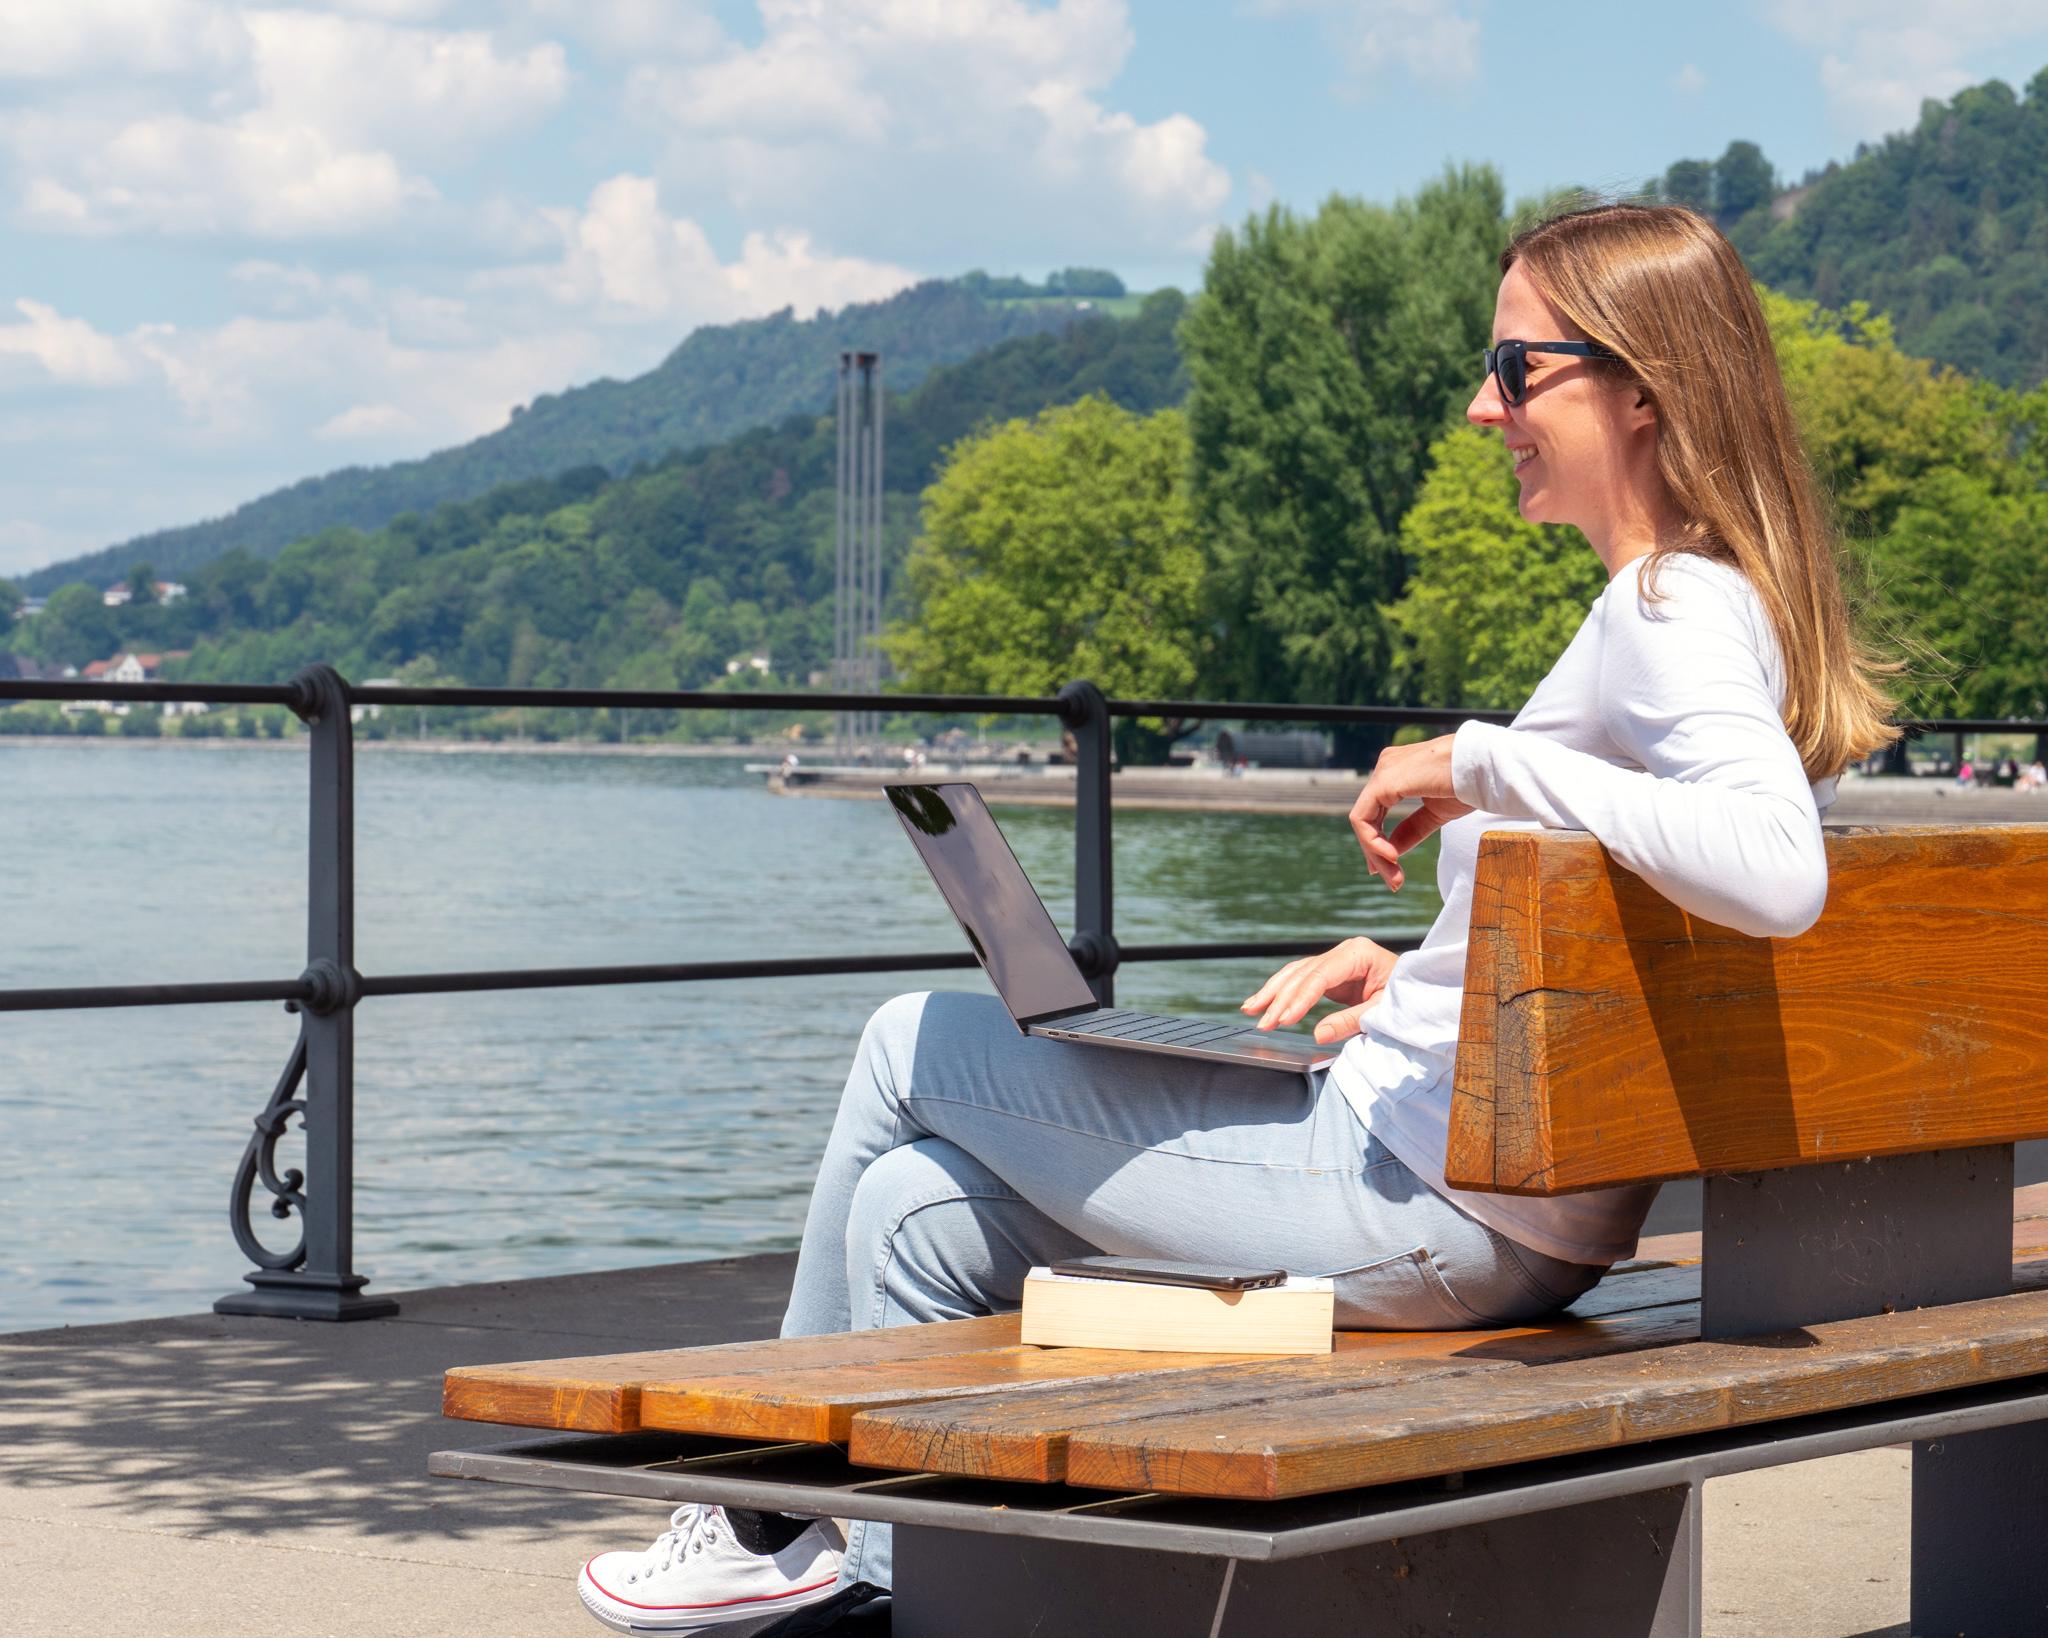 Hier lernt eine Studentin im Sommer entspannt am Wasser